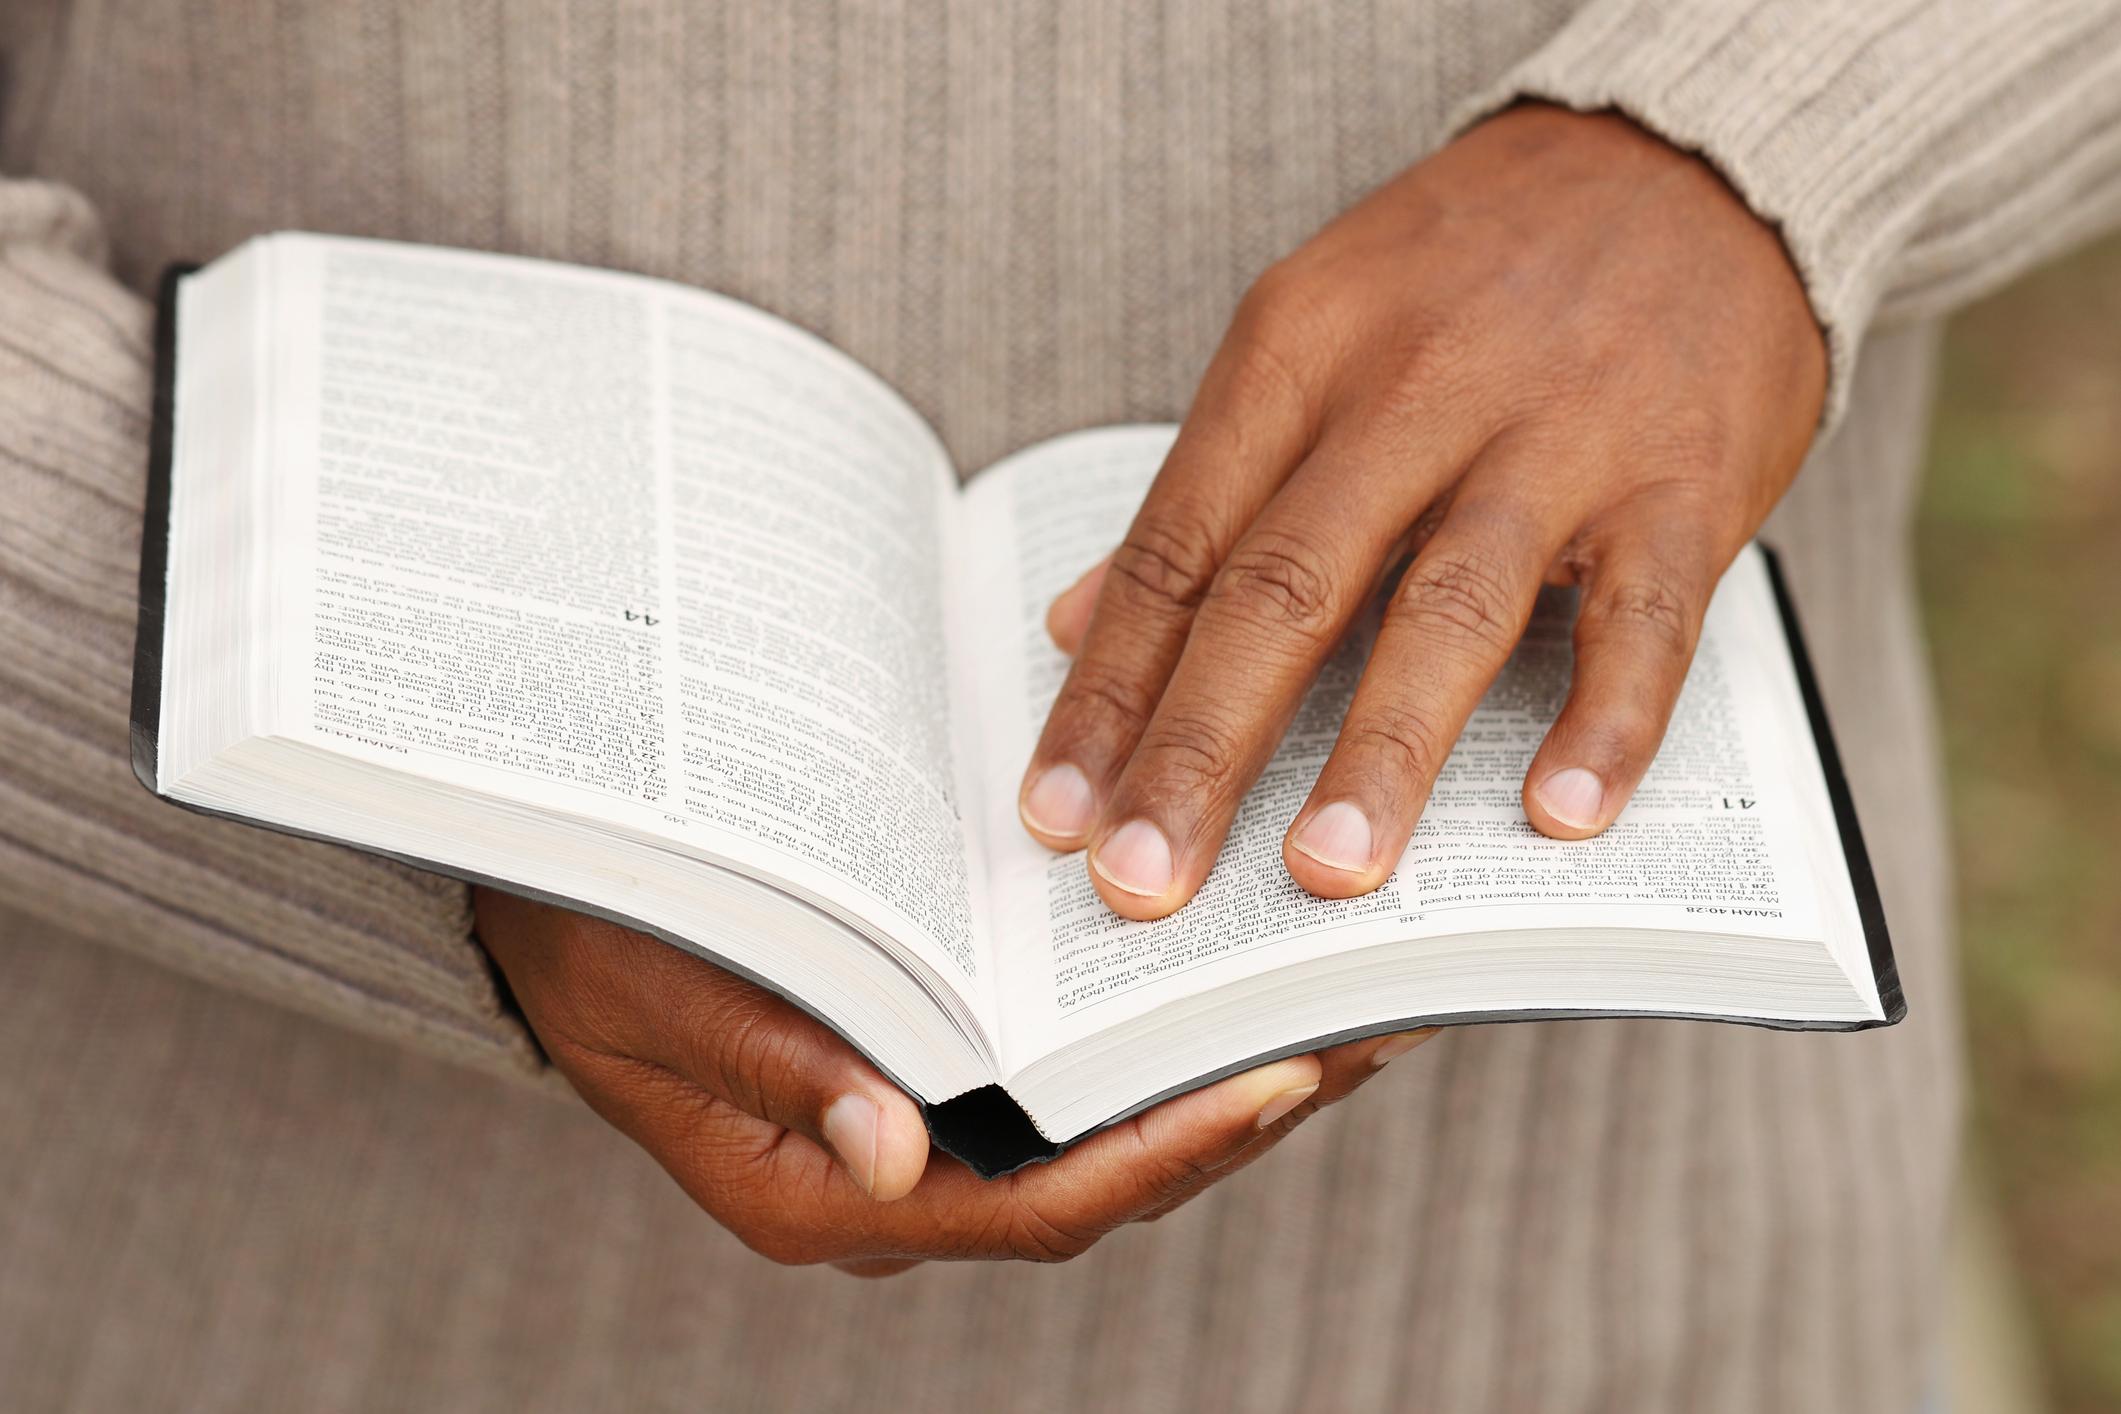 Bíblia em 1 ano – Leia o 237º dia17 min read